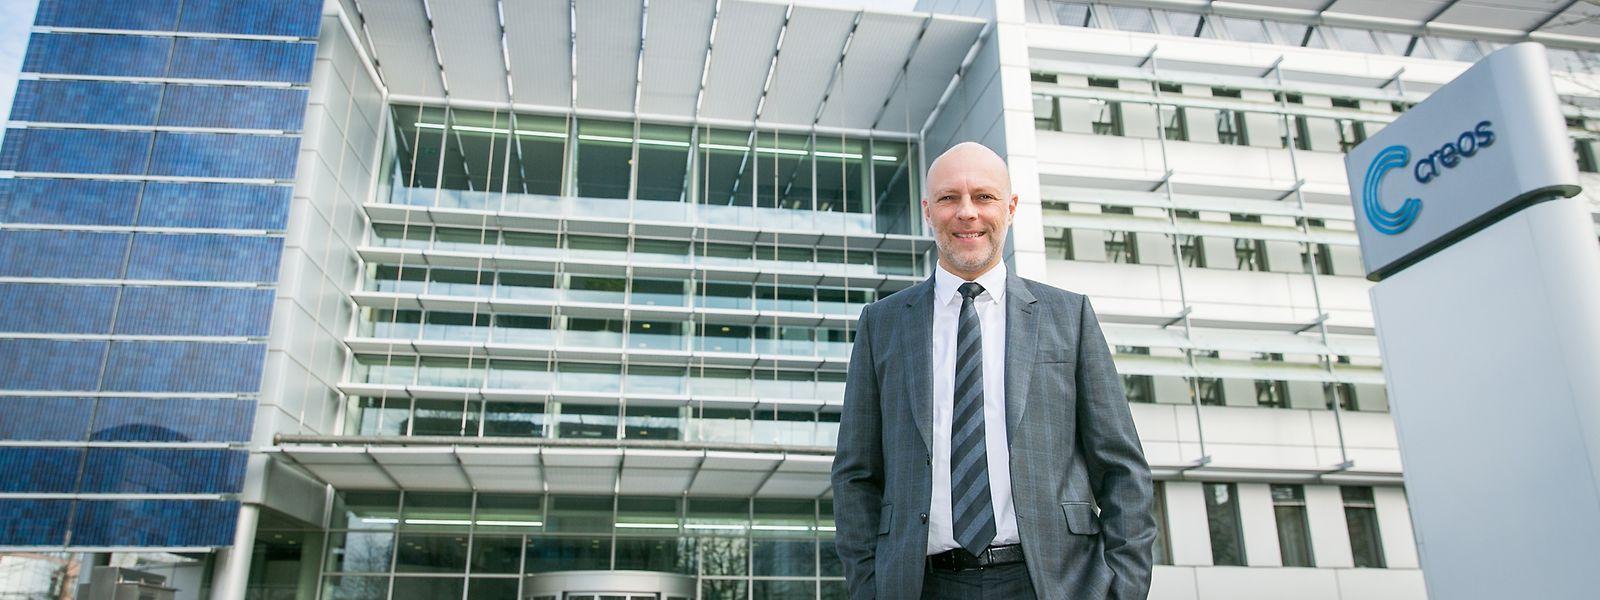 Alex Michels ist als Head of Asset Management bei Creos für die Planung und den Ausbau der Netze zuständig.